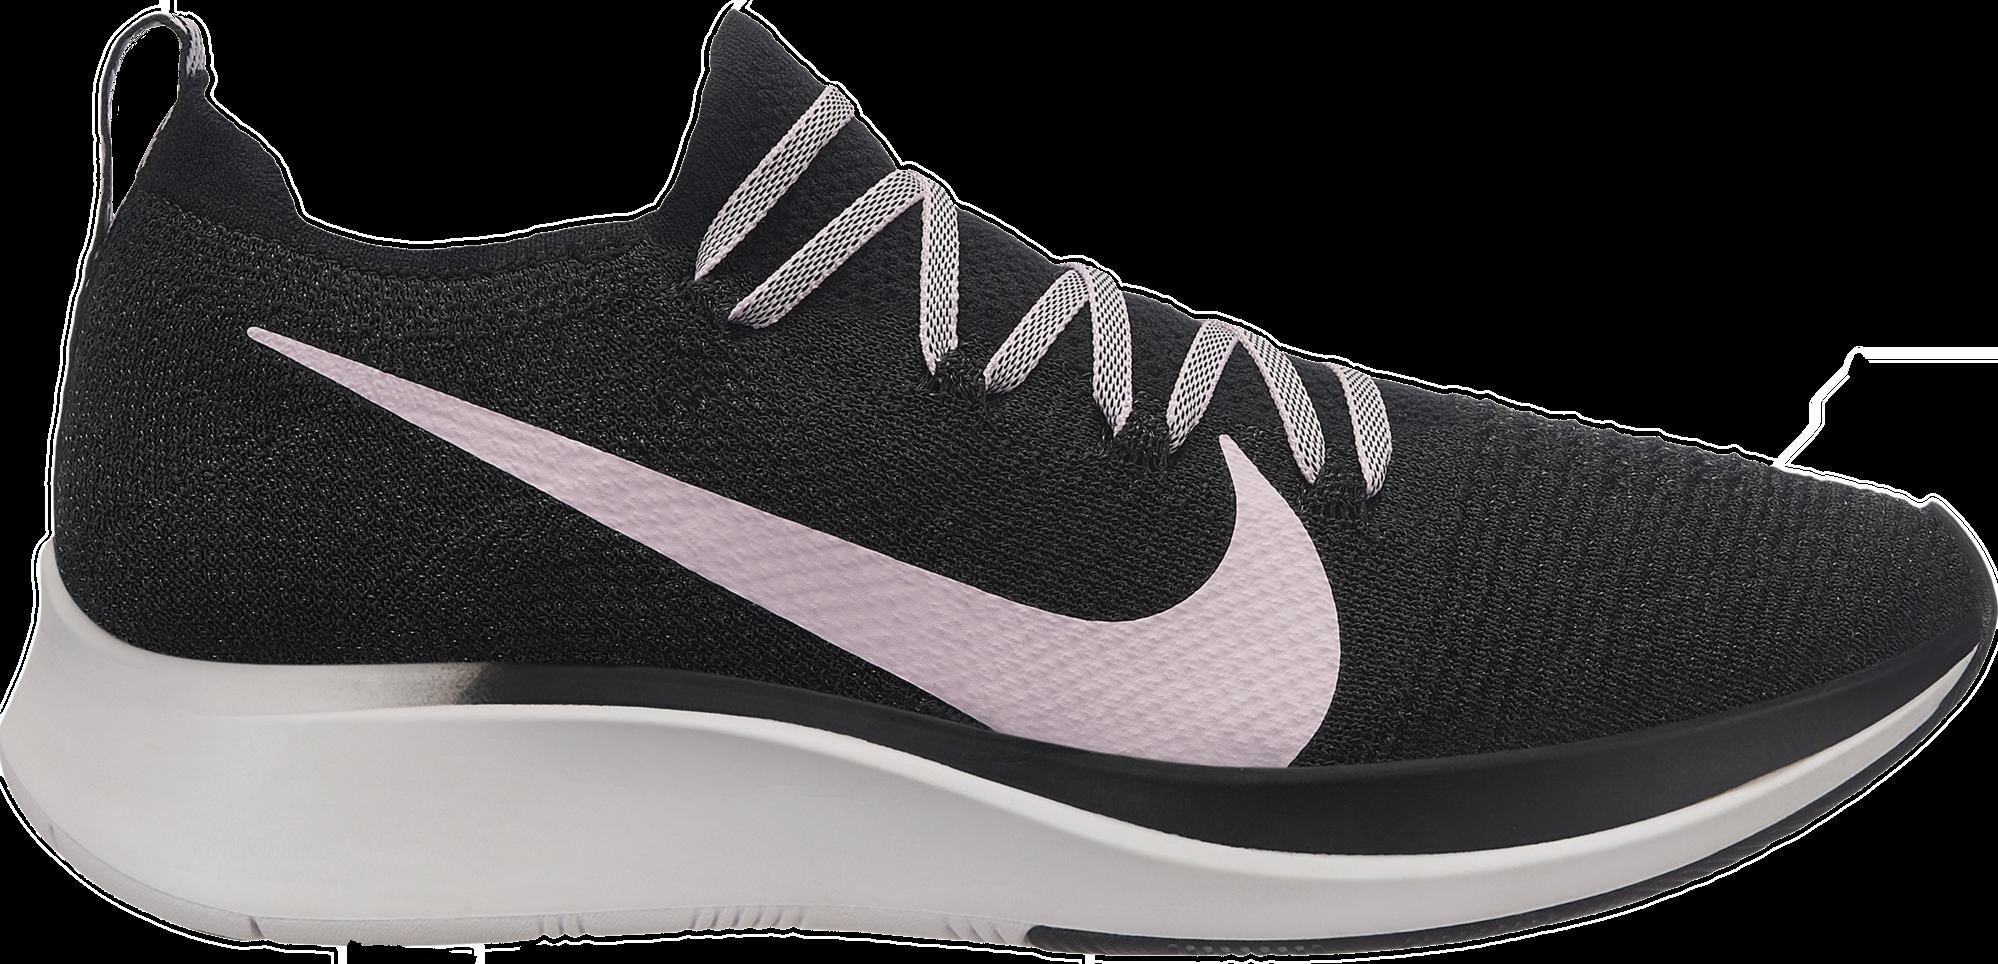 Zoom Fly Flyknit Nike Wettkampf-Laufschuhe Damenmodell